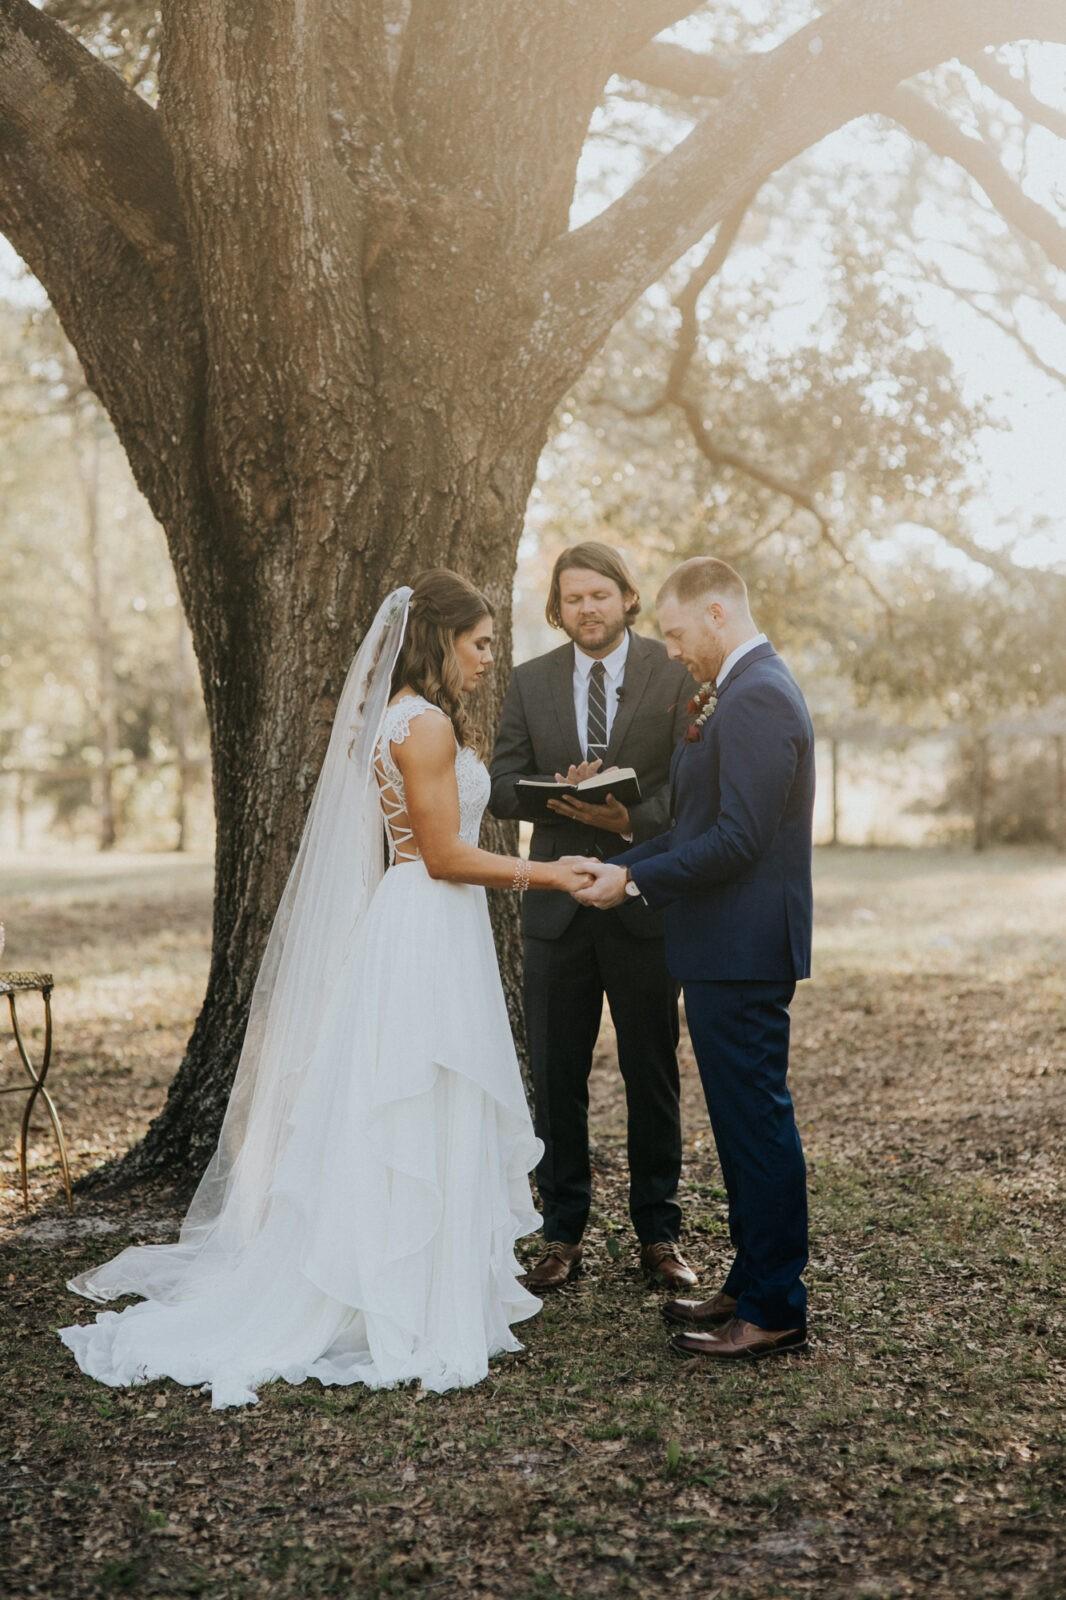 wedding under an oak tree